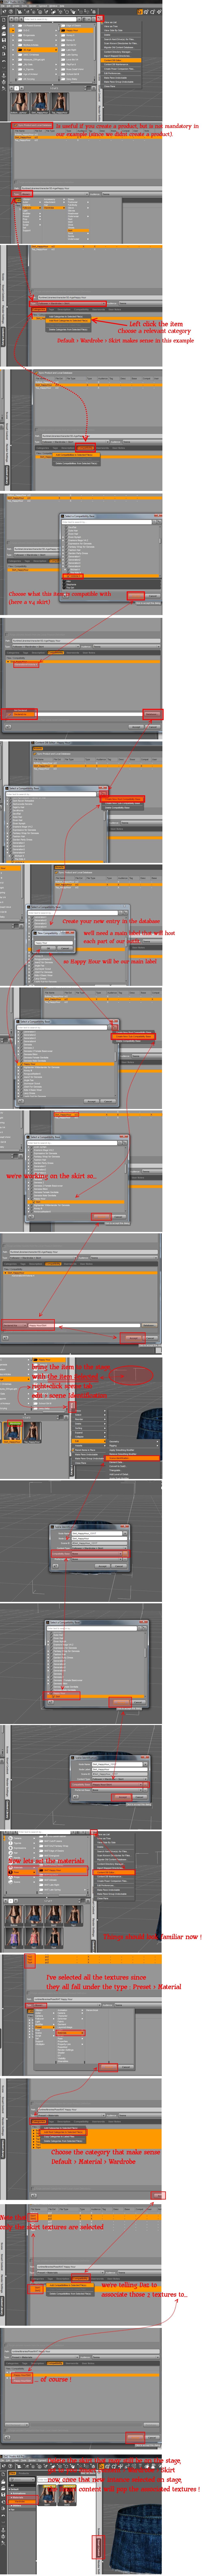 Create Metadata in Daz4.6 by Cyprine2013 on DeviantArt | Daz3d ...